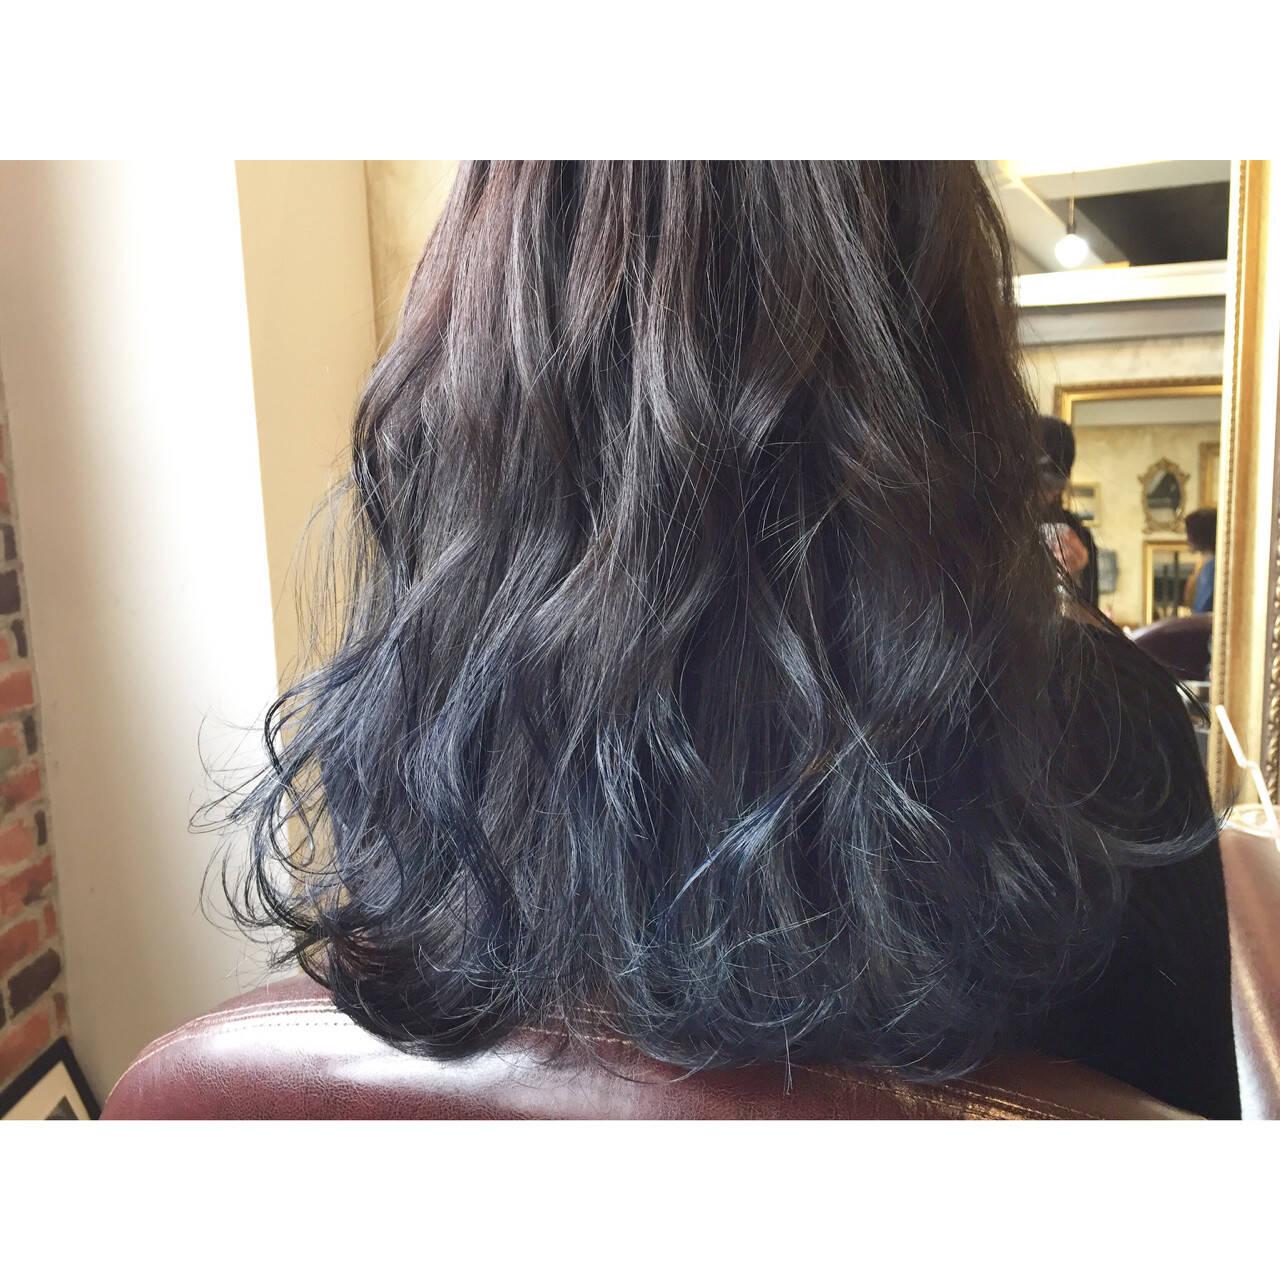 ネイビー 透明感 ロング ストリートヘアスタイルや髪型の写真・画像